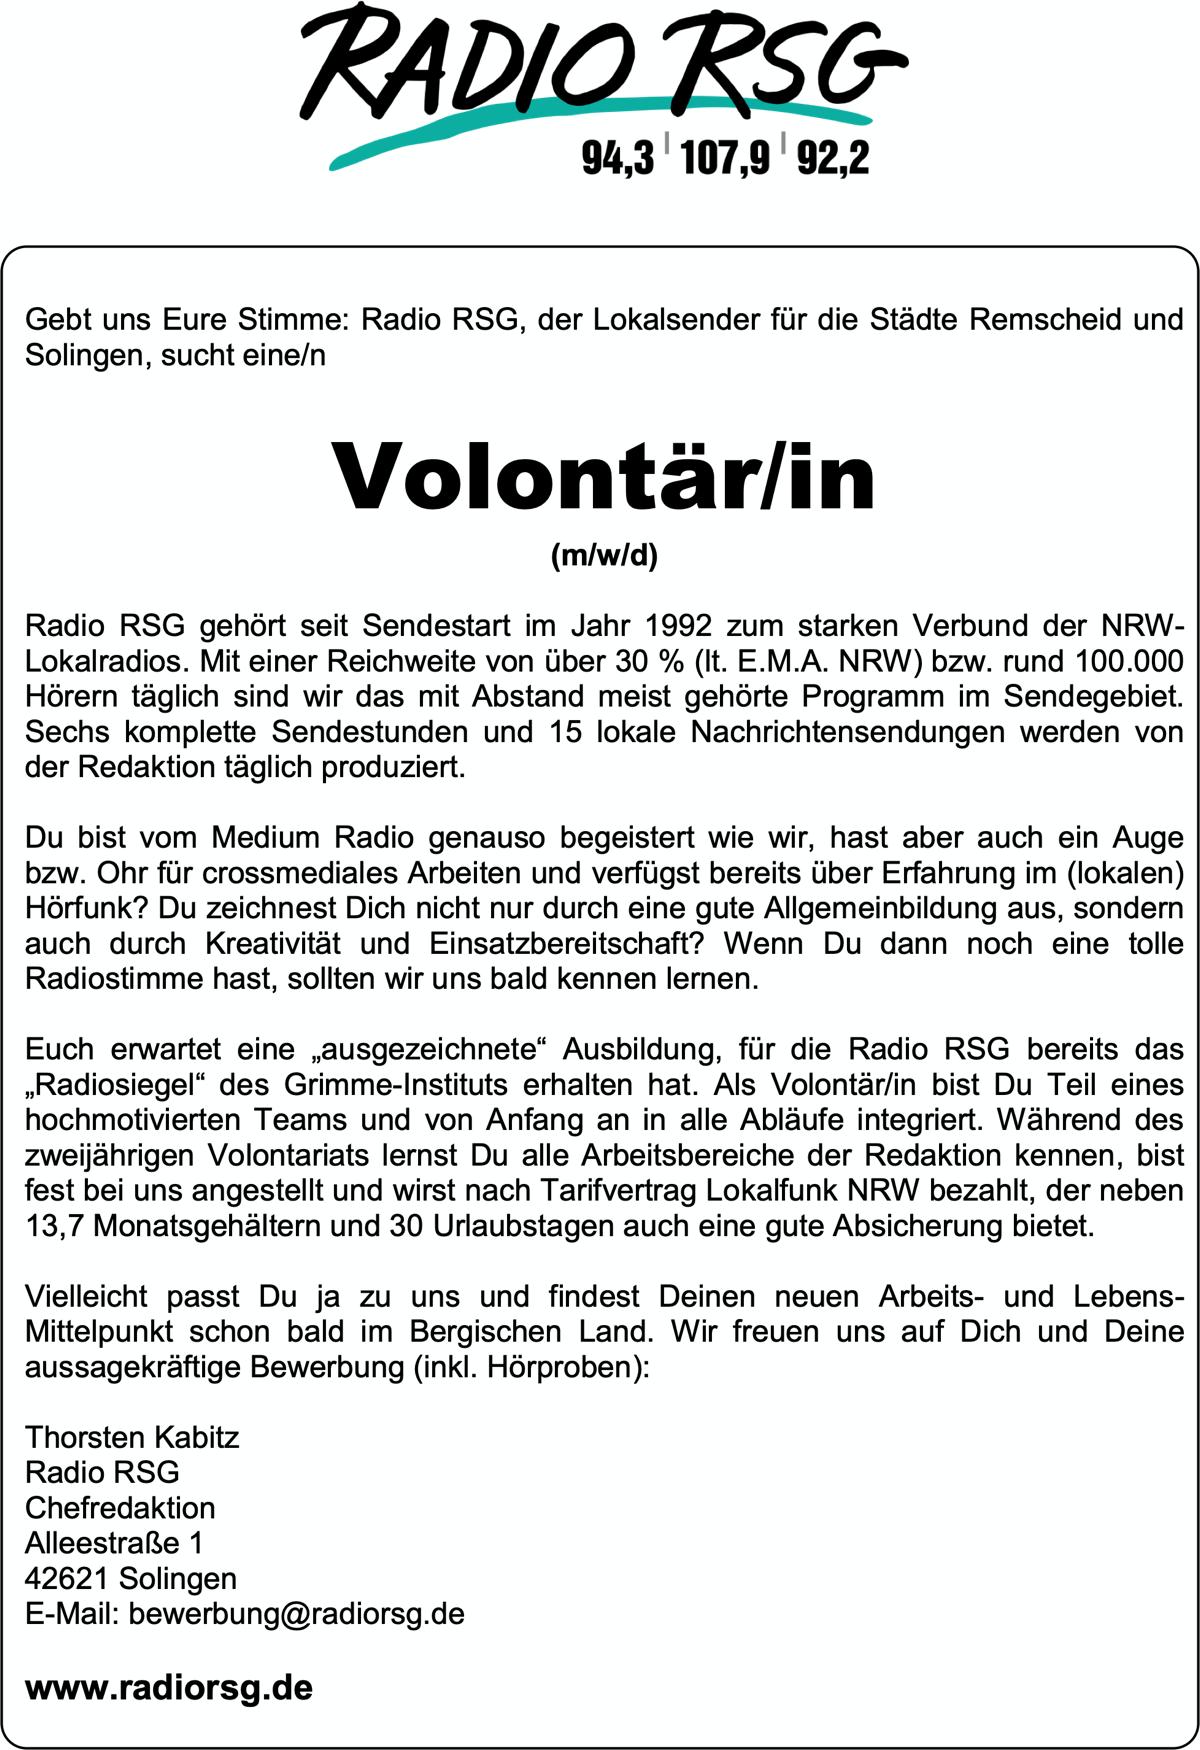 Radio RSG sucht Volontär/in (m/w/d)